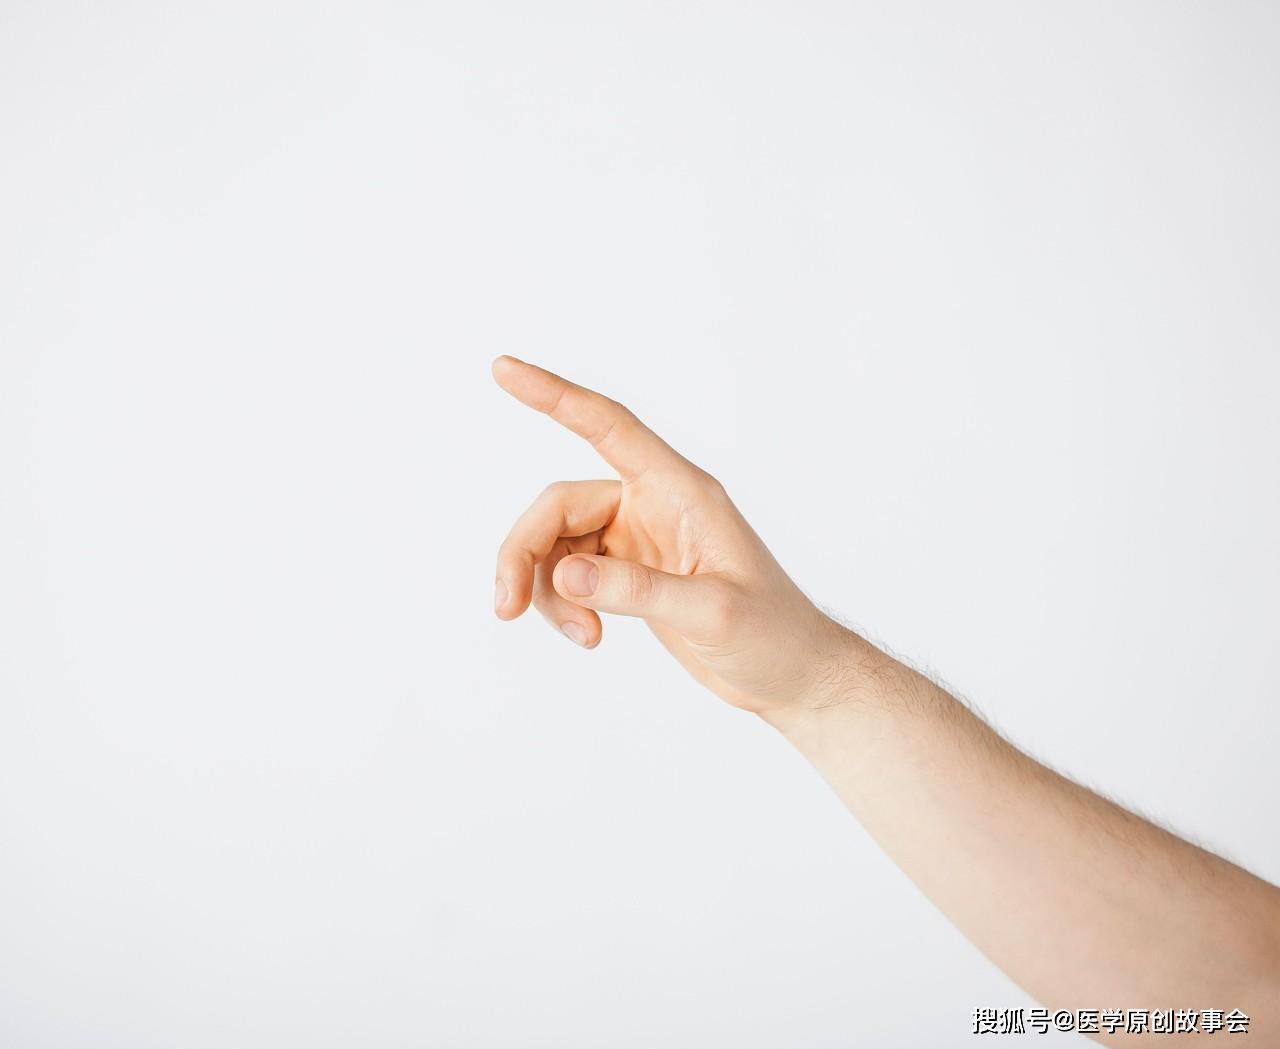 体内有癌,手指先知,手指若出现一个特征,体检时一定要排查癌症